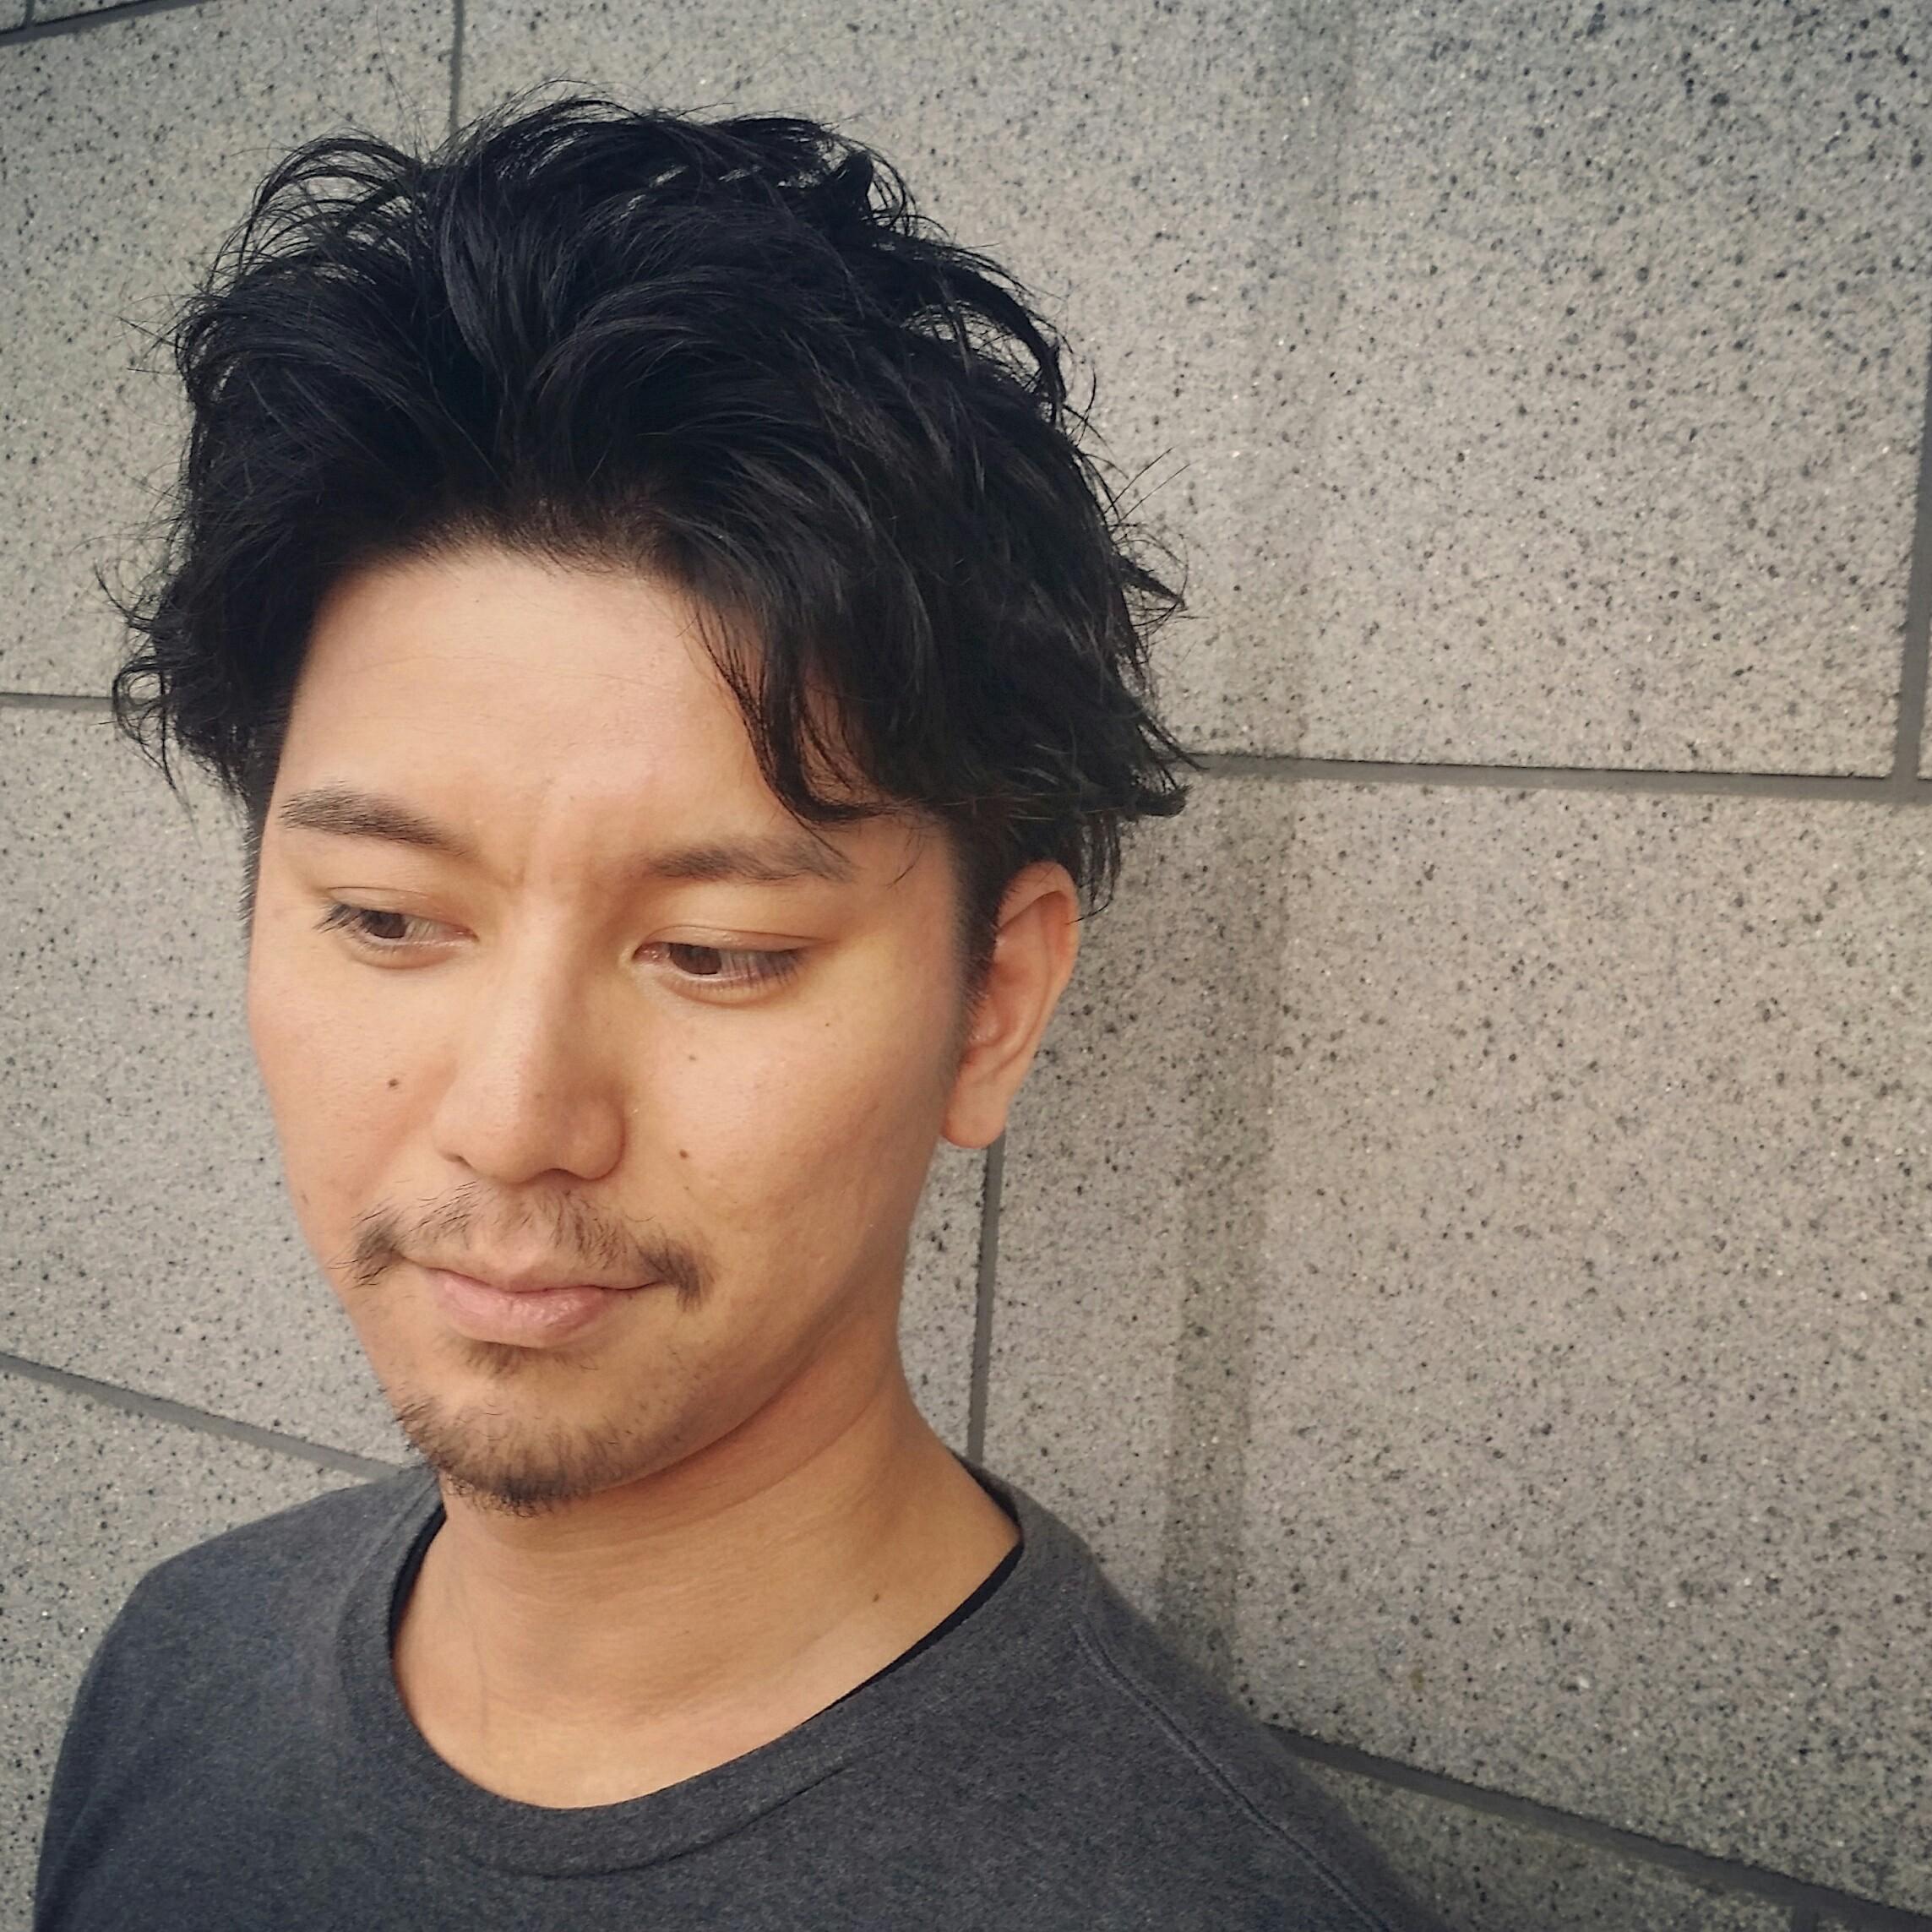 直毛】直毛の男性・必見!失敗しない、髪質コントロールパーマ